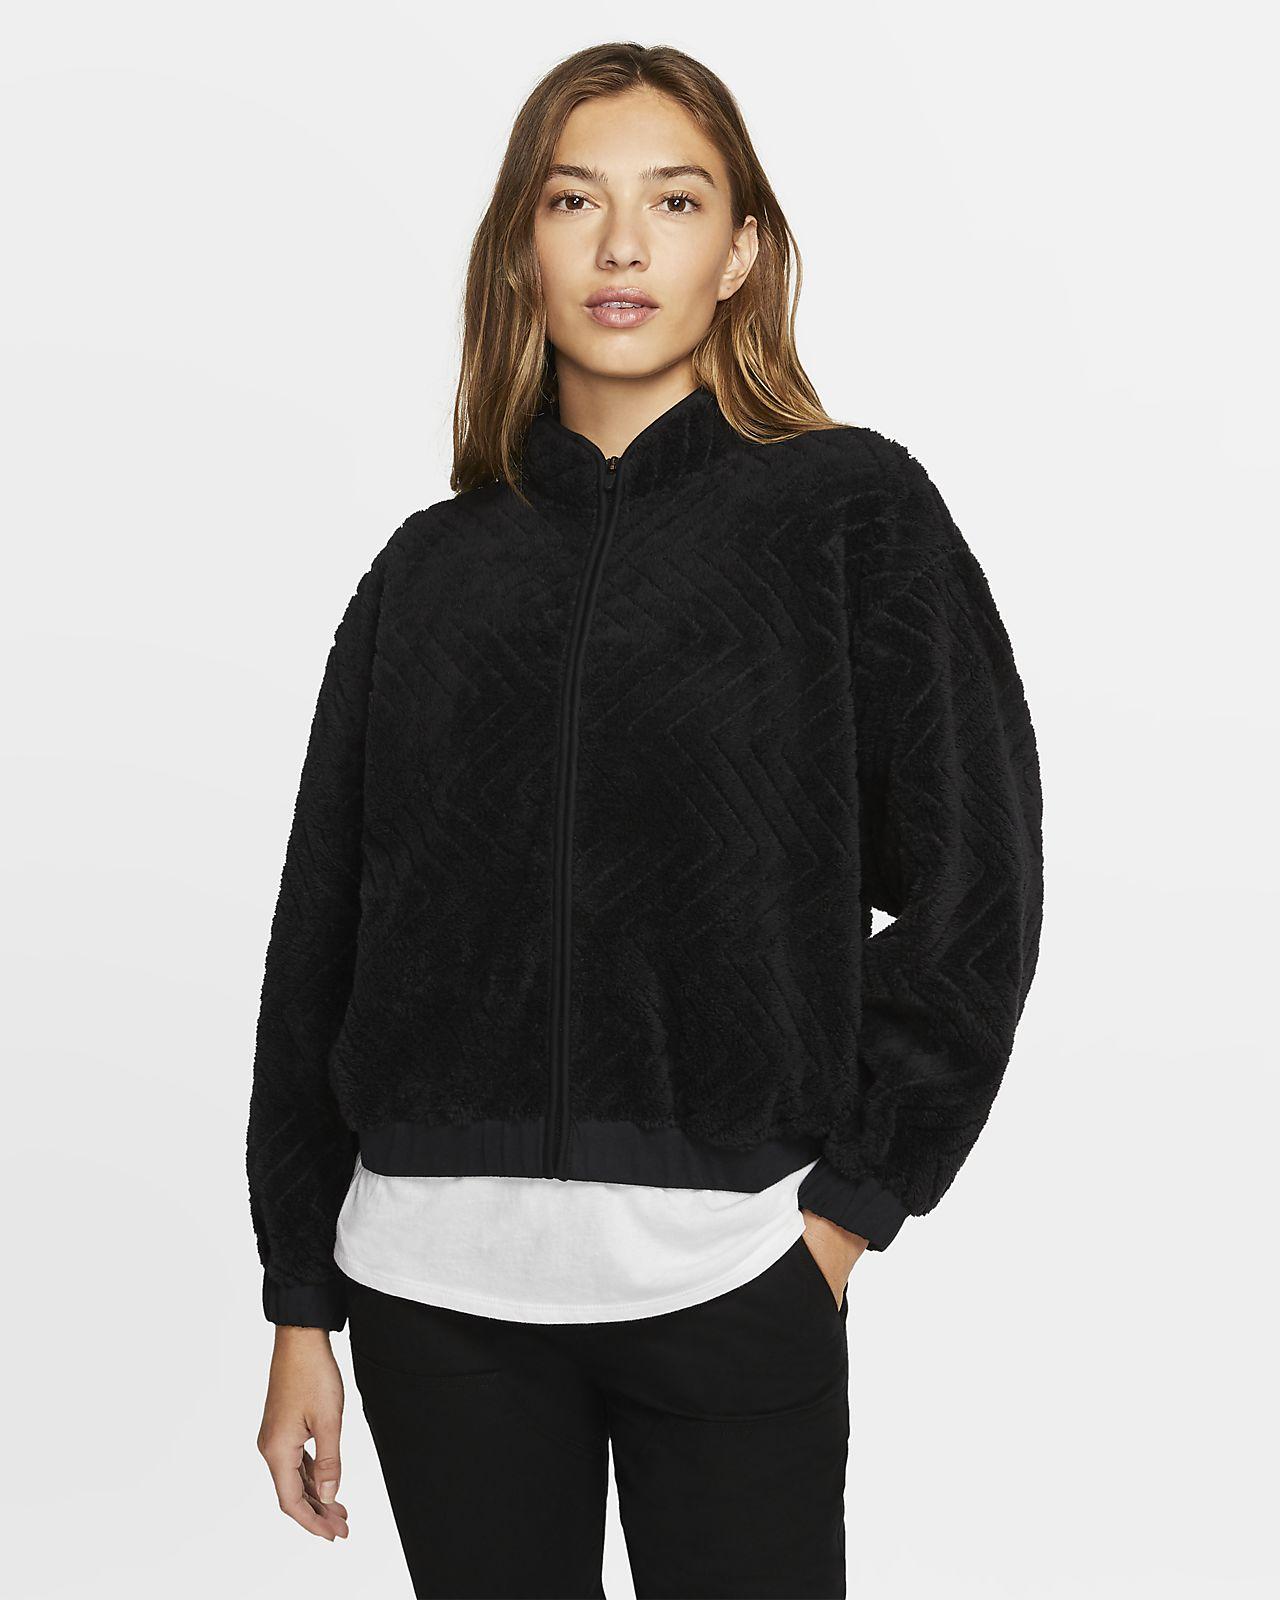 Hurley Sherpa Women's Jacket